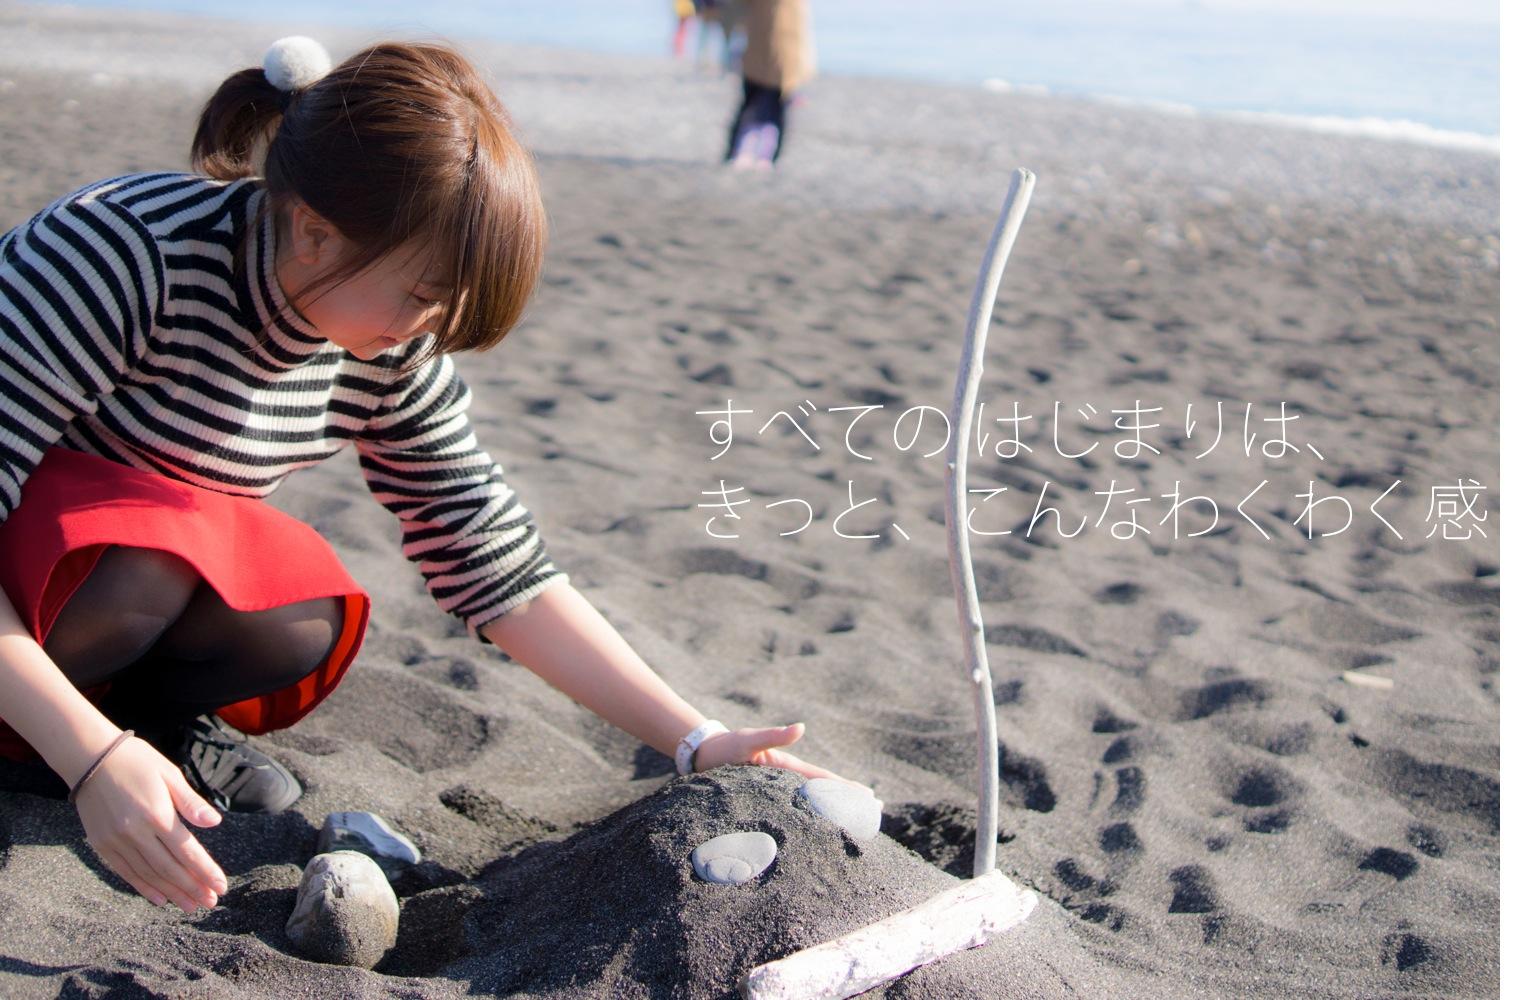 th3_砂場るい2.jpg